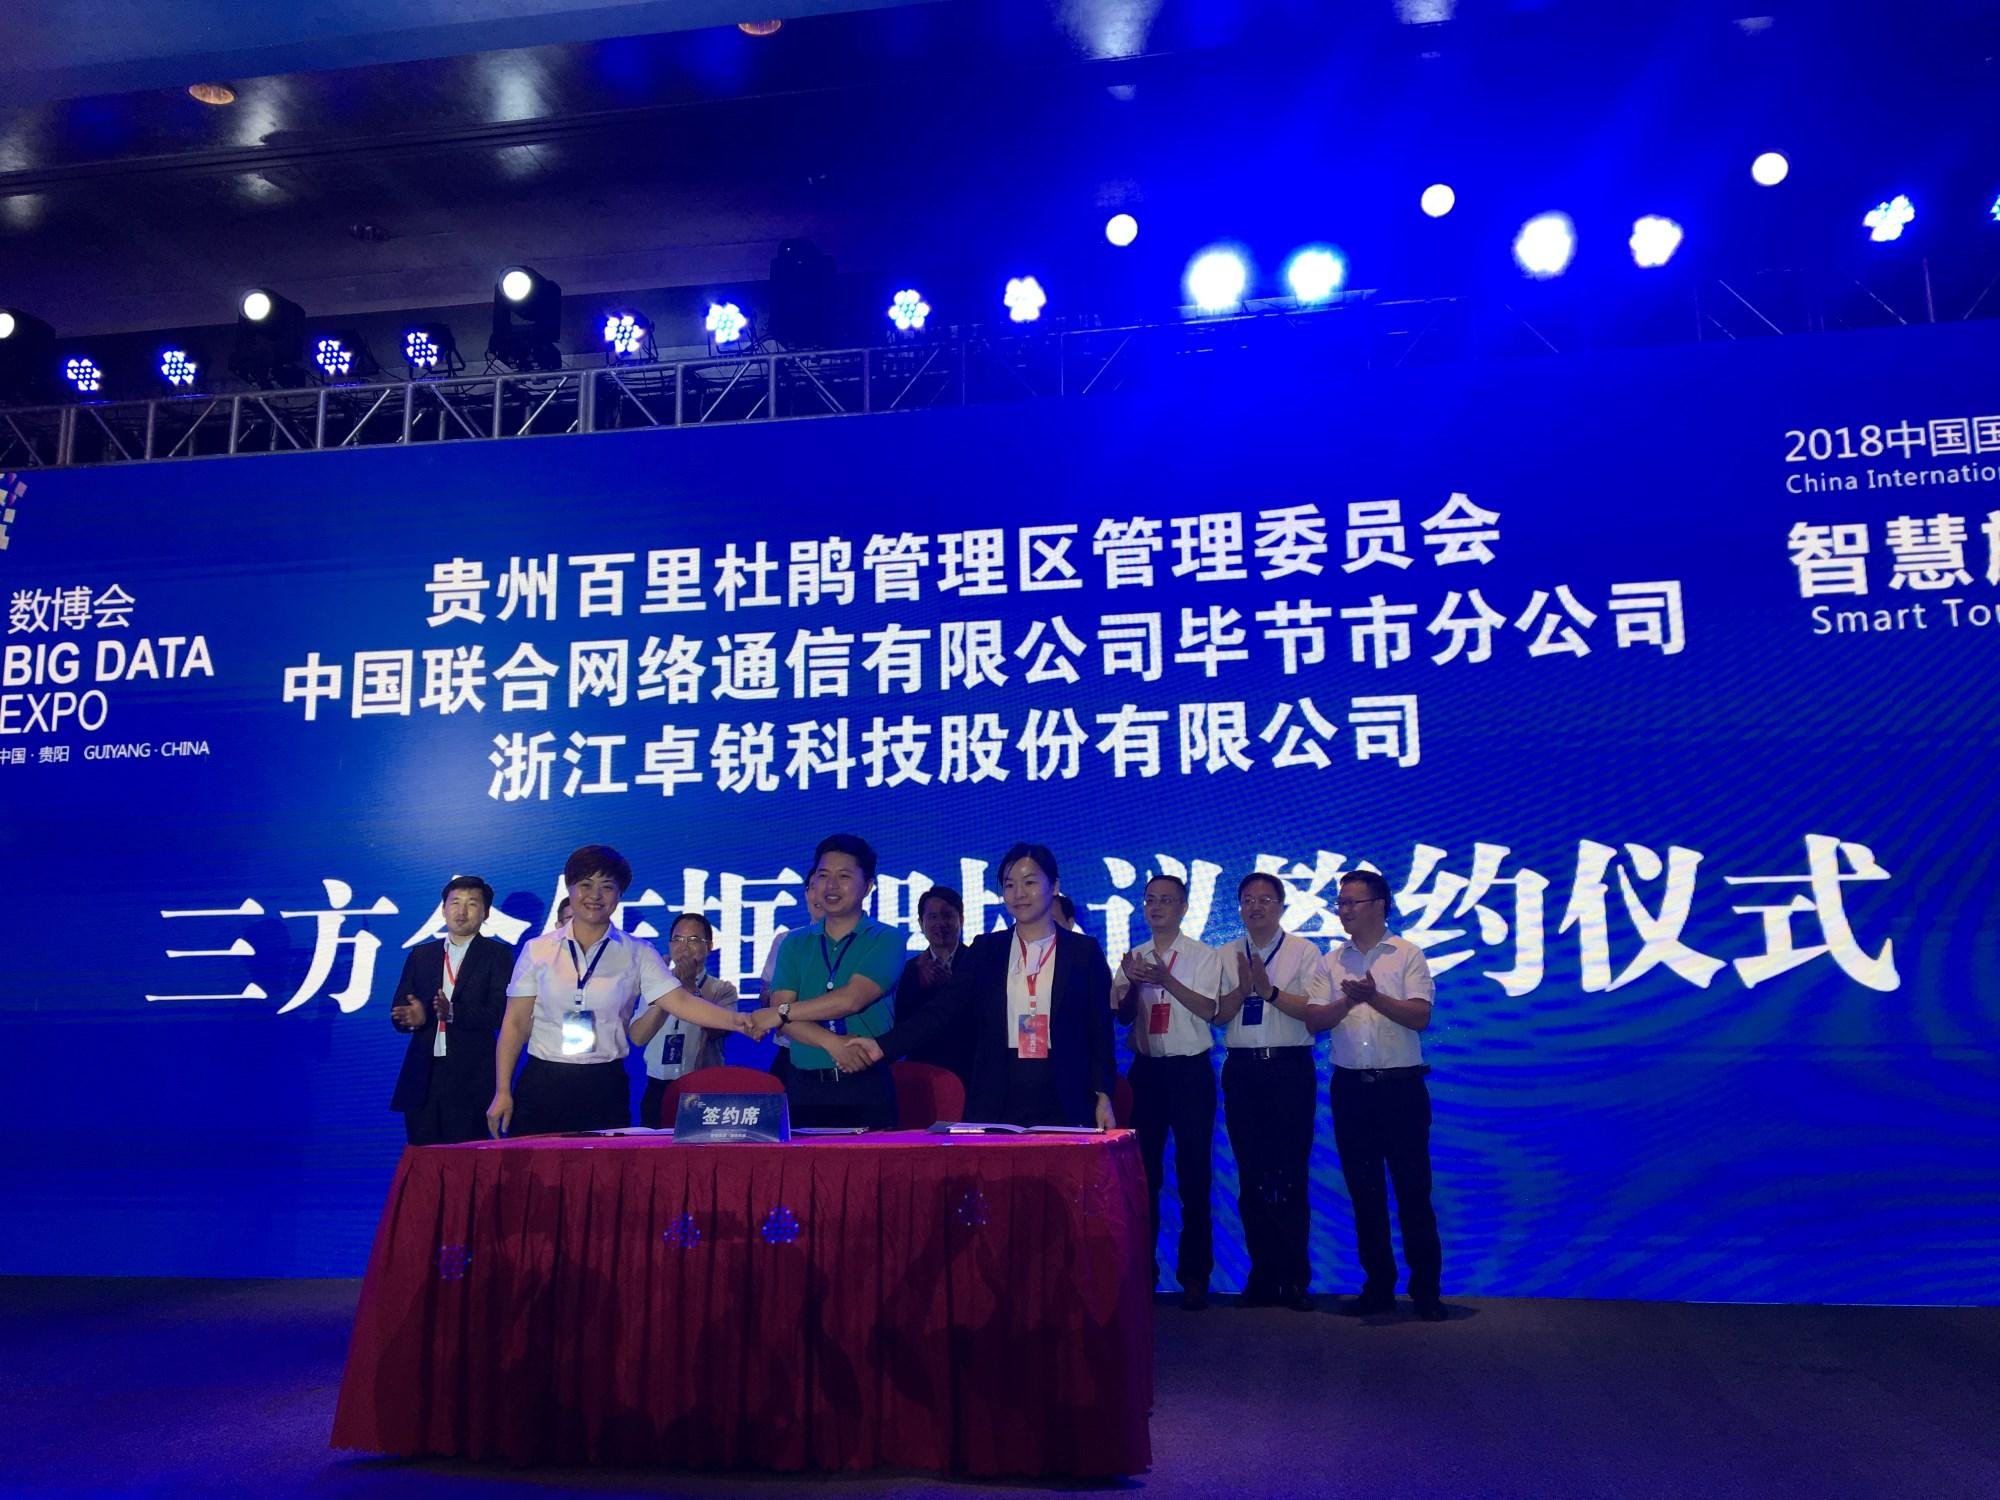 卓锐科技协办的2018中国国际大数据产业博览会毕节分论坛顺利召开